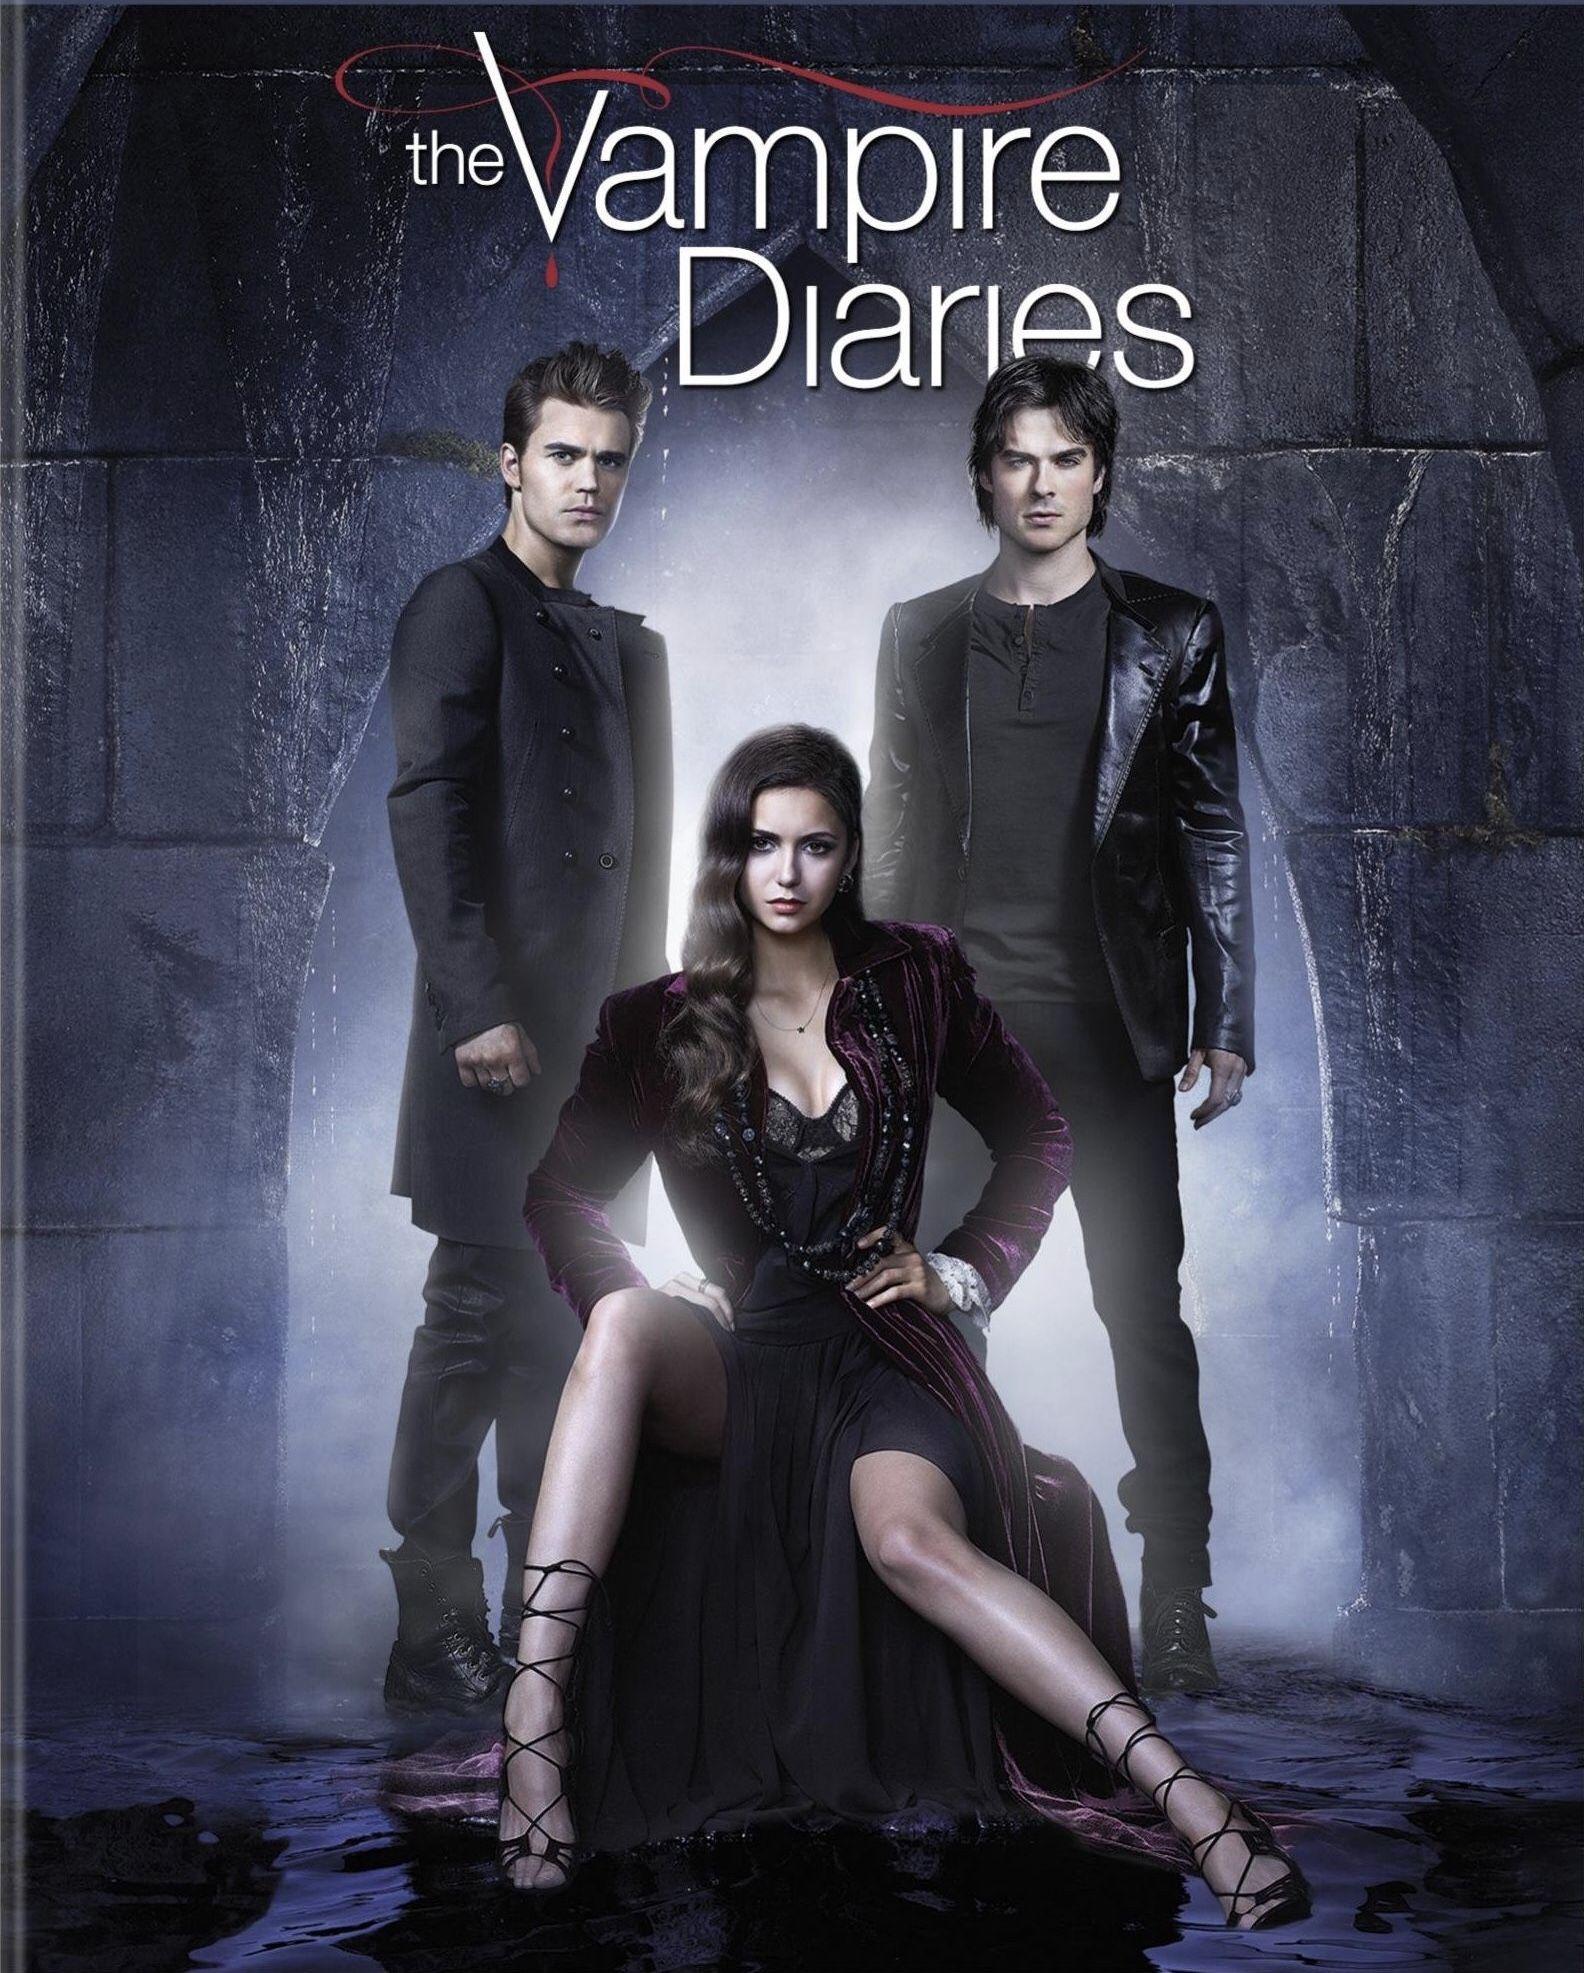 The Vampire Diaries Season 4 Vampirnaplok Vampirnaplok